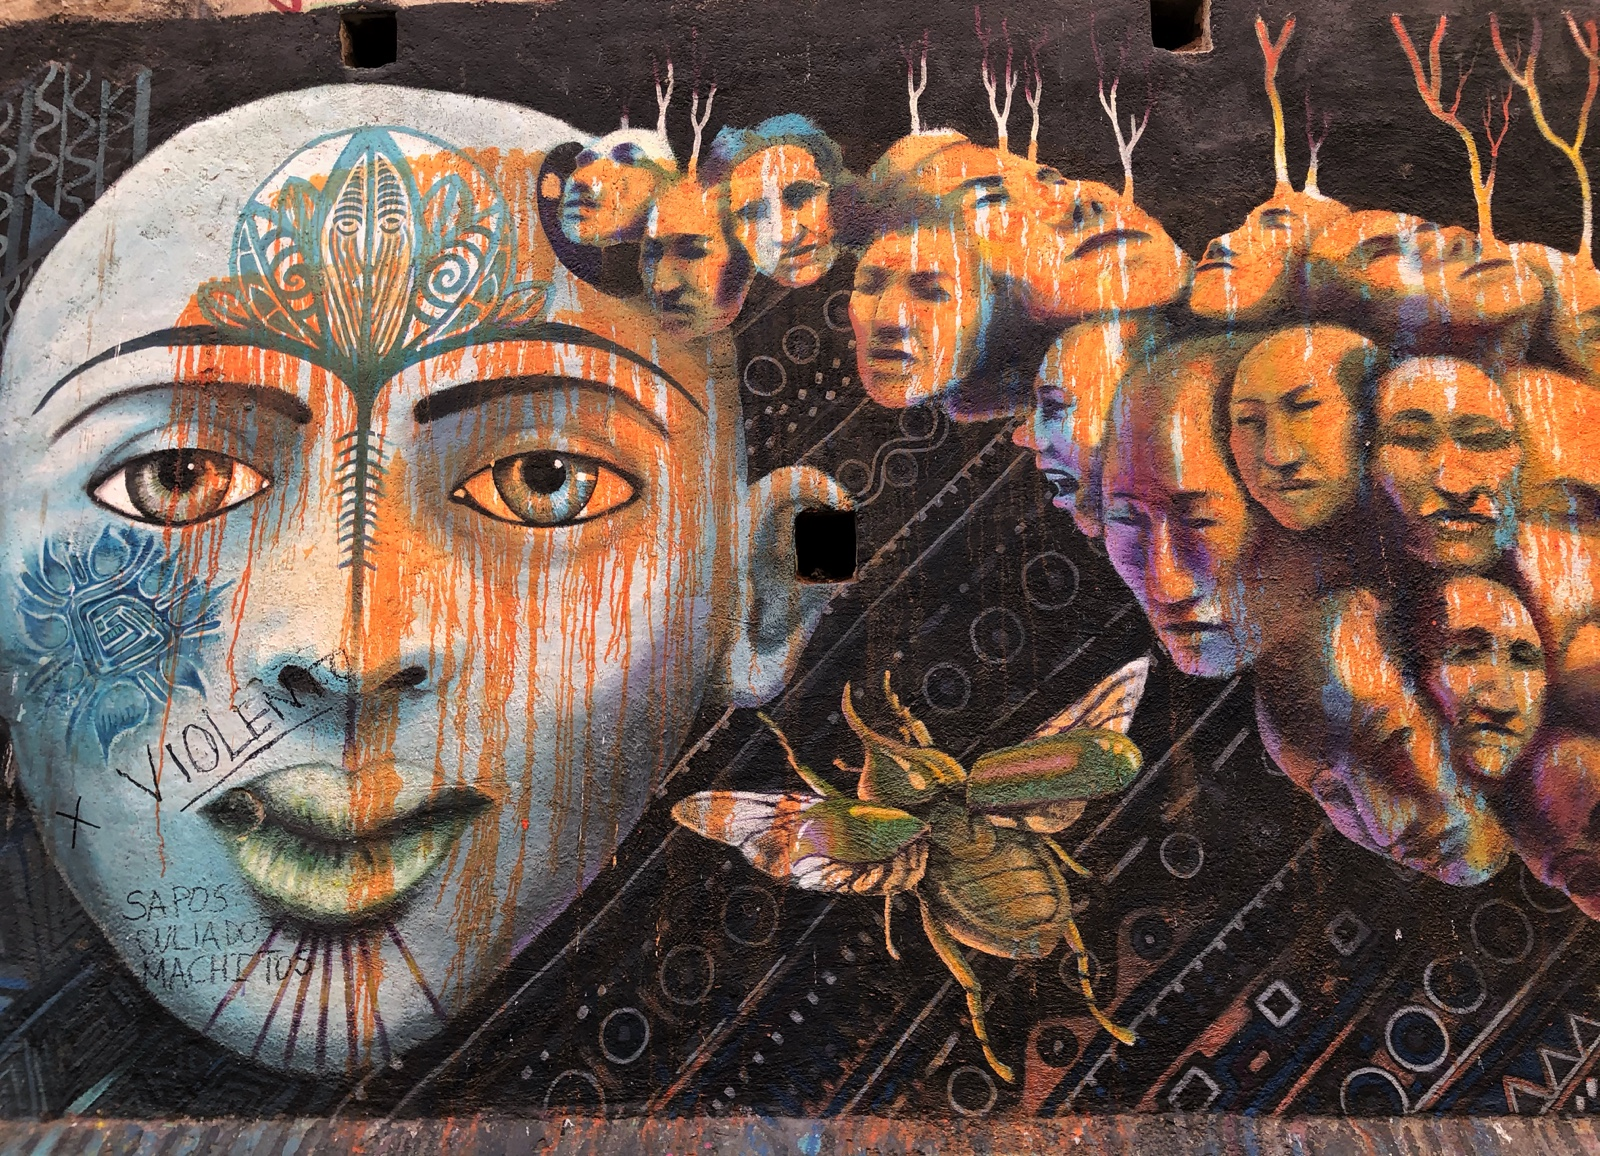 Streetart - Valparaiso